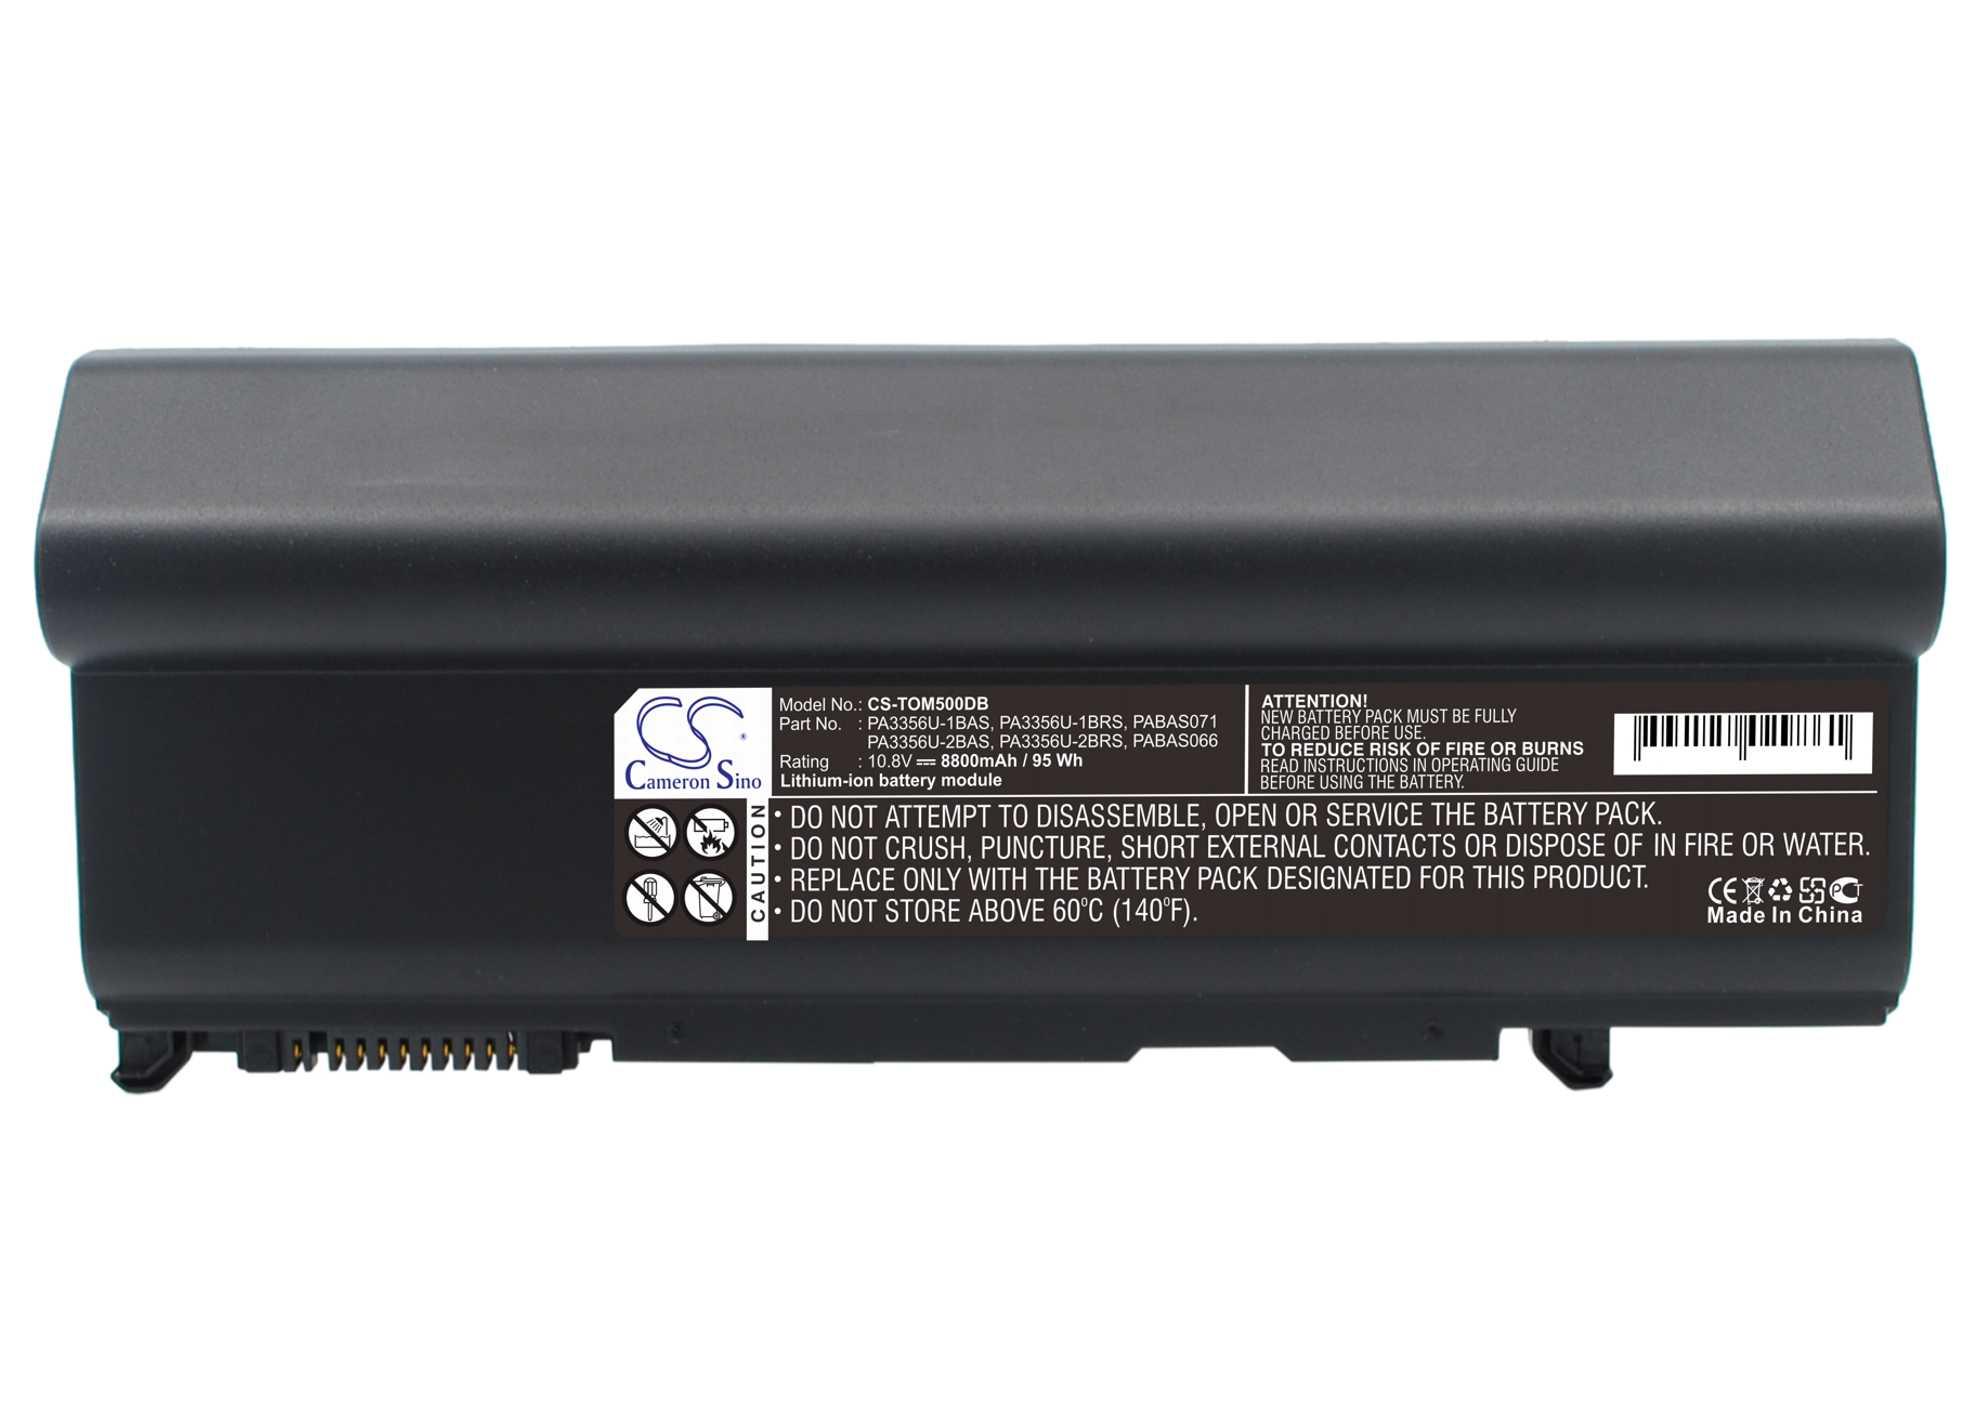 Cameron Sino baterie do notebooků pro TOSHIBA Tecra P10 10.8V Li-ion 8800mAh černá - neoriginální